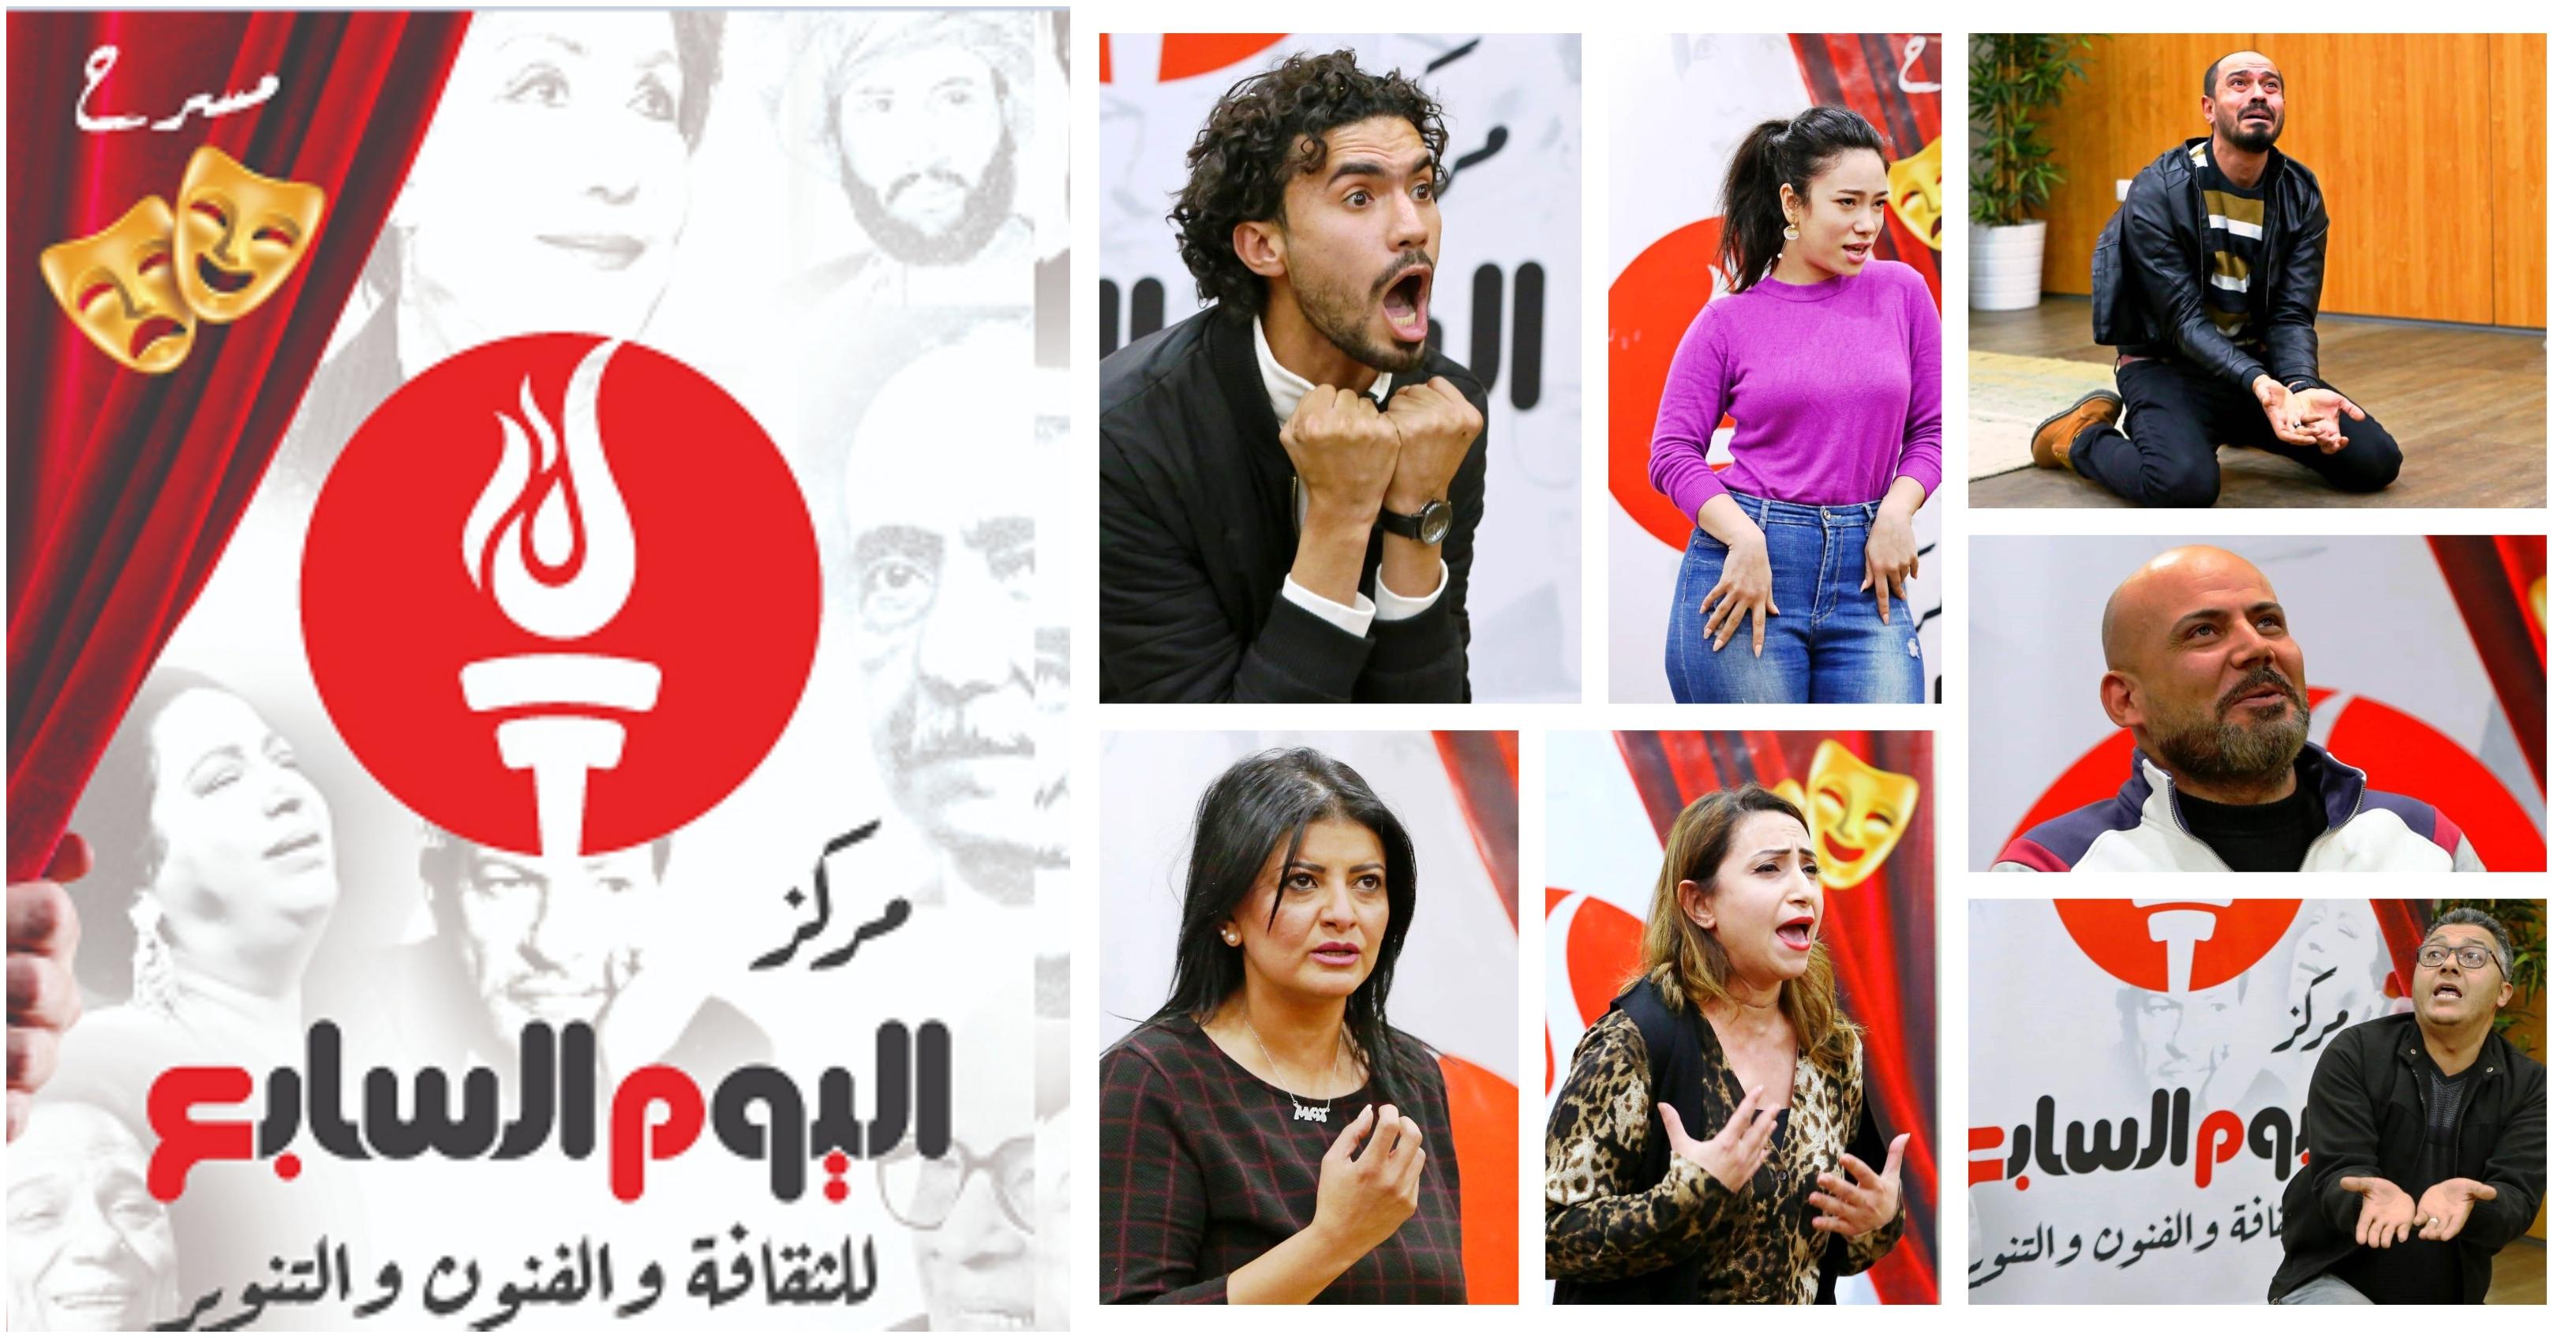 مركز اليوم السابع للثقافة والفنون والتنوير يكون فرقة مسرحية